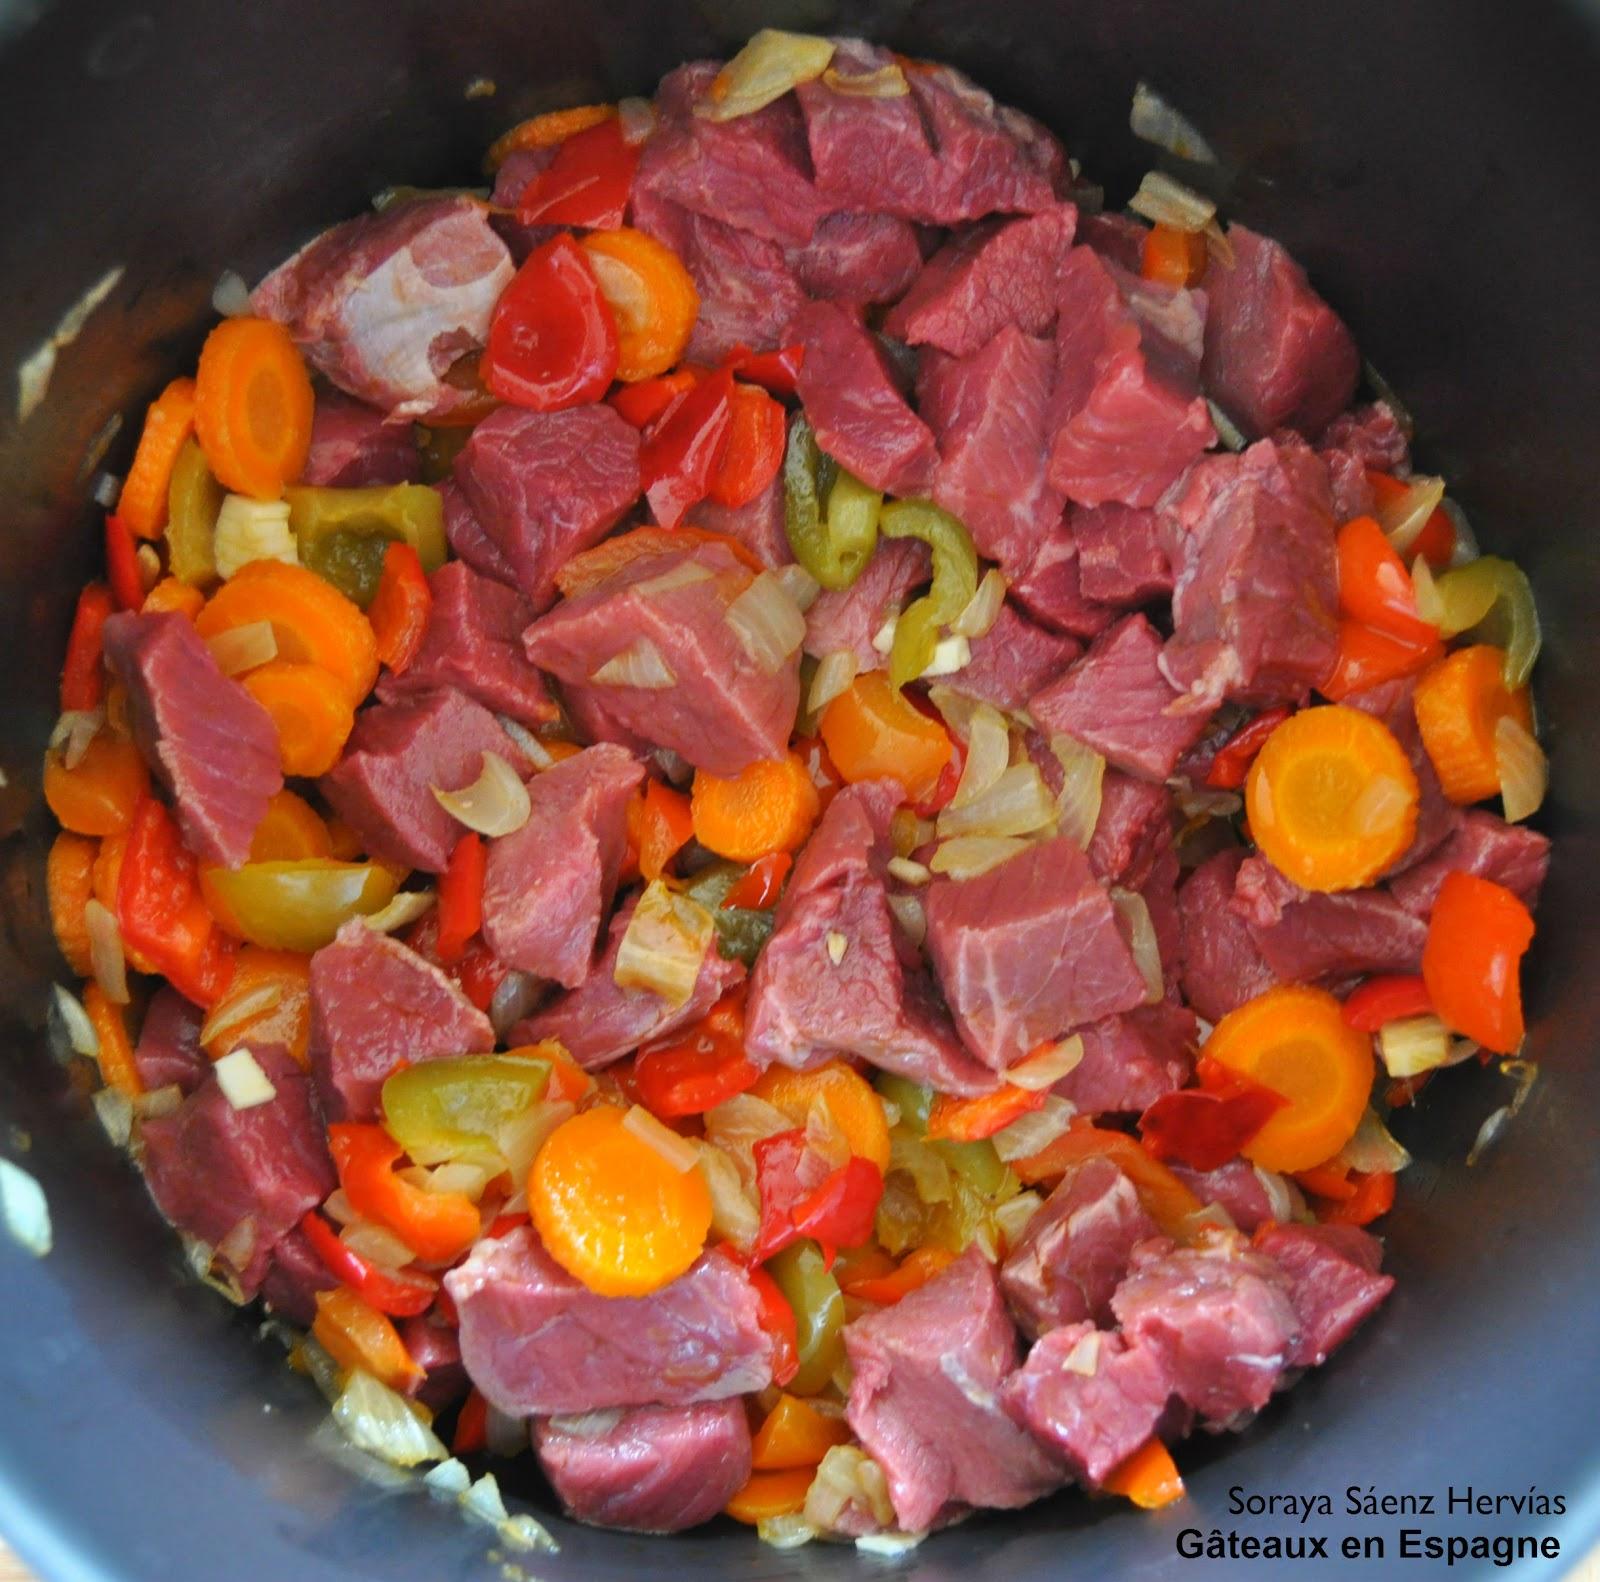 G teaux en espagne recette de rago t de boeuf et l gumes - Comment cuisiner du jarret de boeuf ...